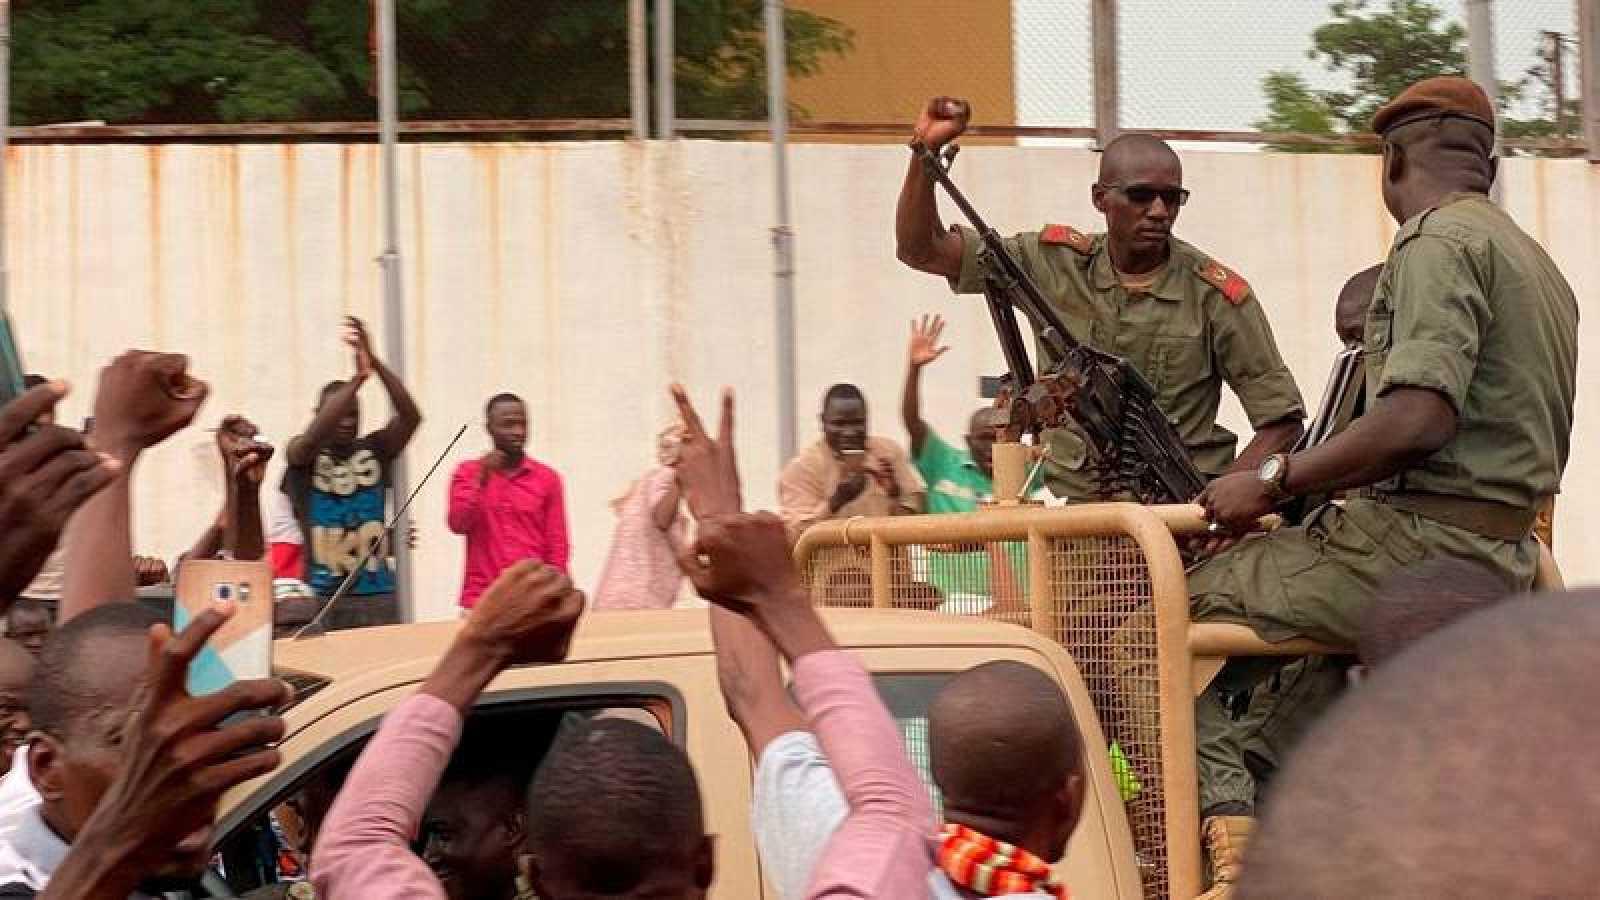 El primer ministro Boubou Cisse había llamado a los militares al diálogo